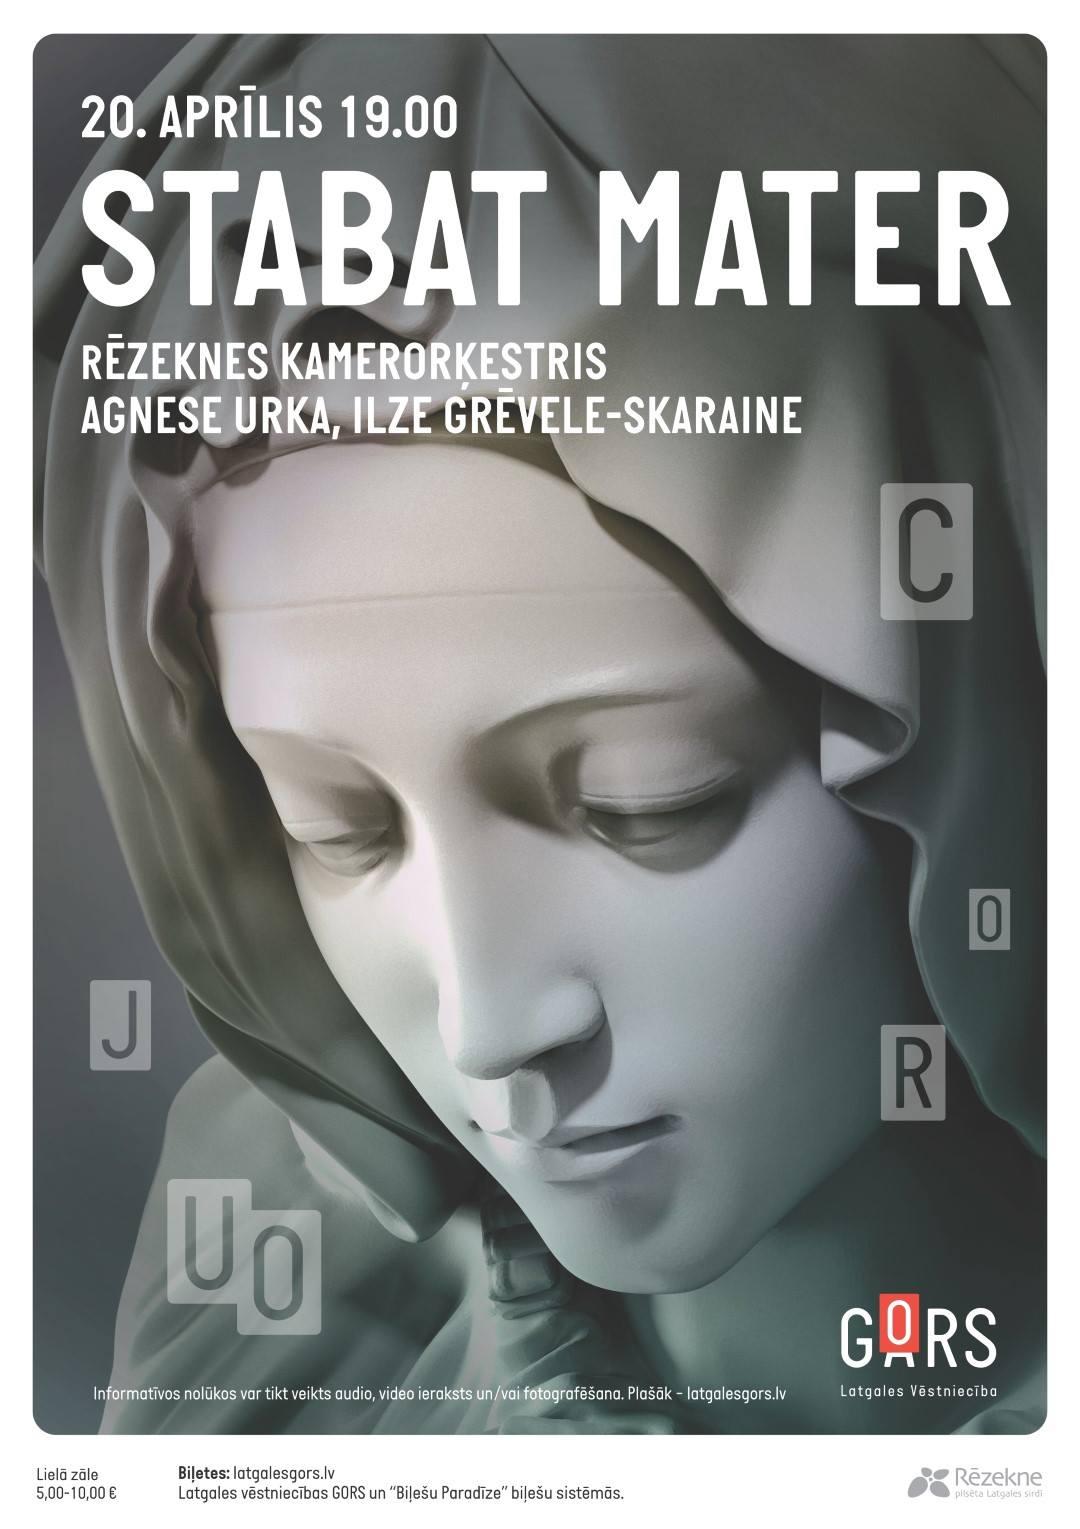 Stabat Mater @ Latgolys viestnīceibā GORS